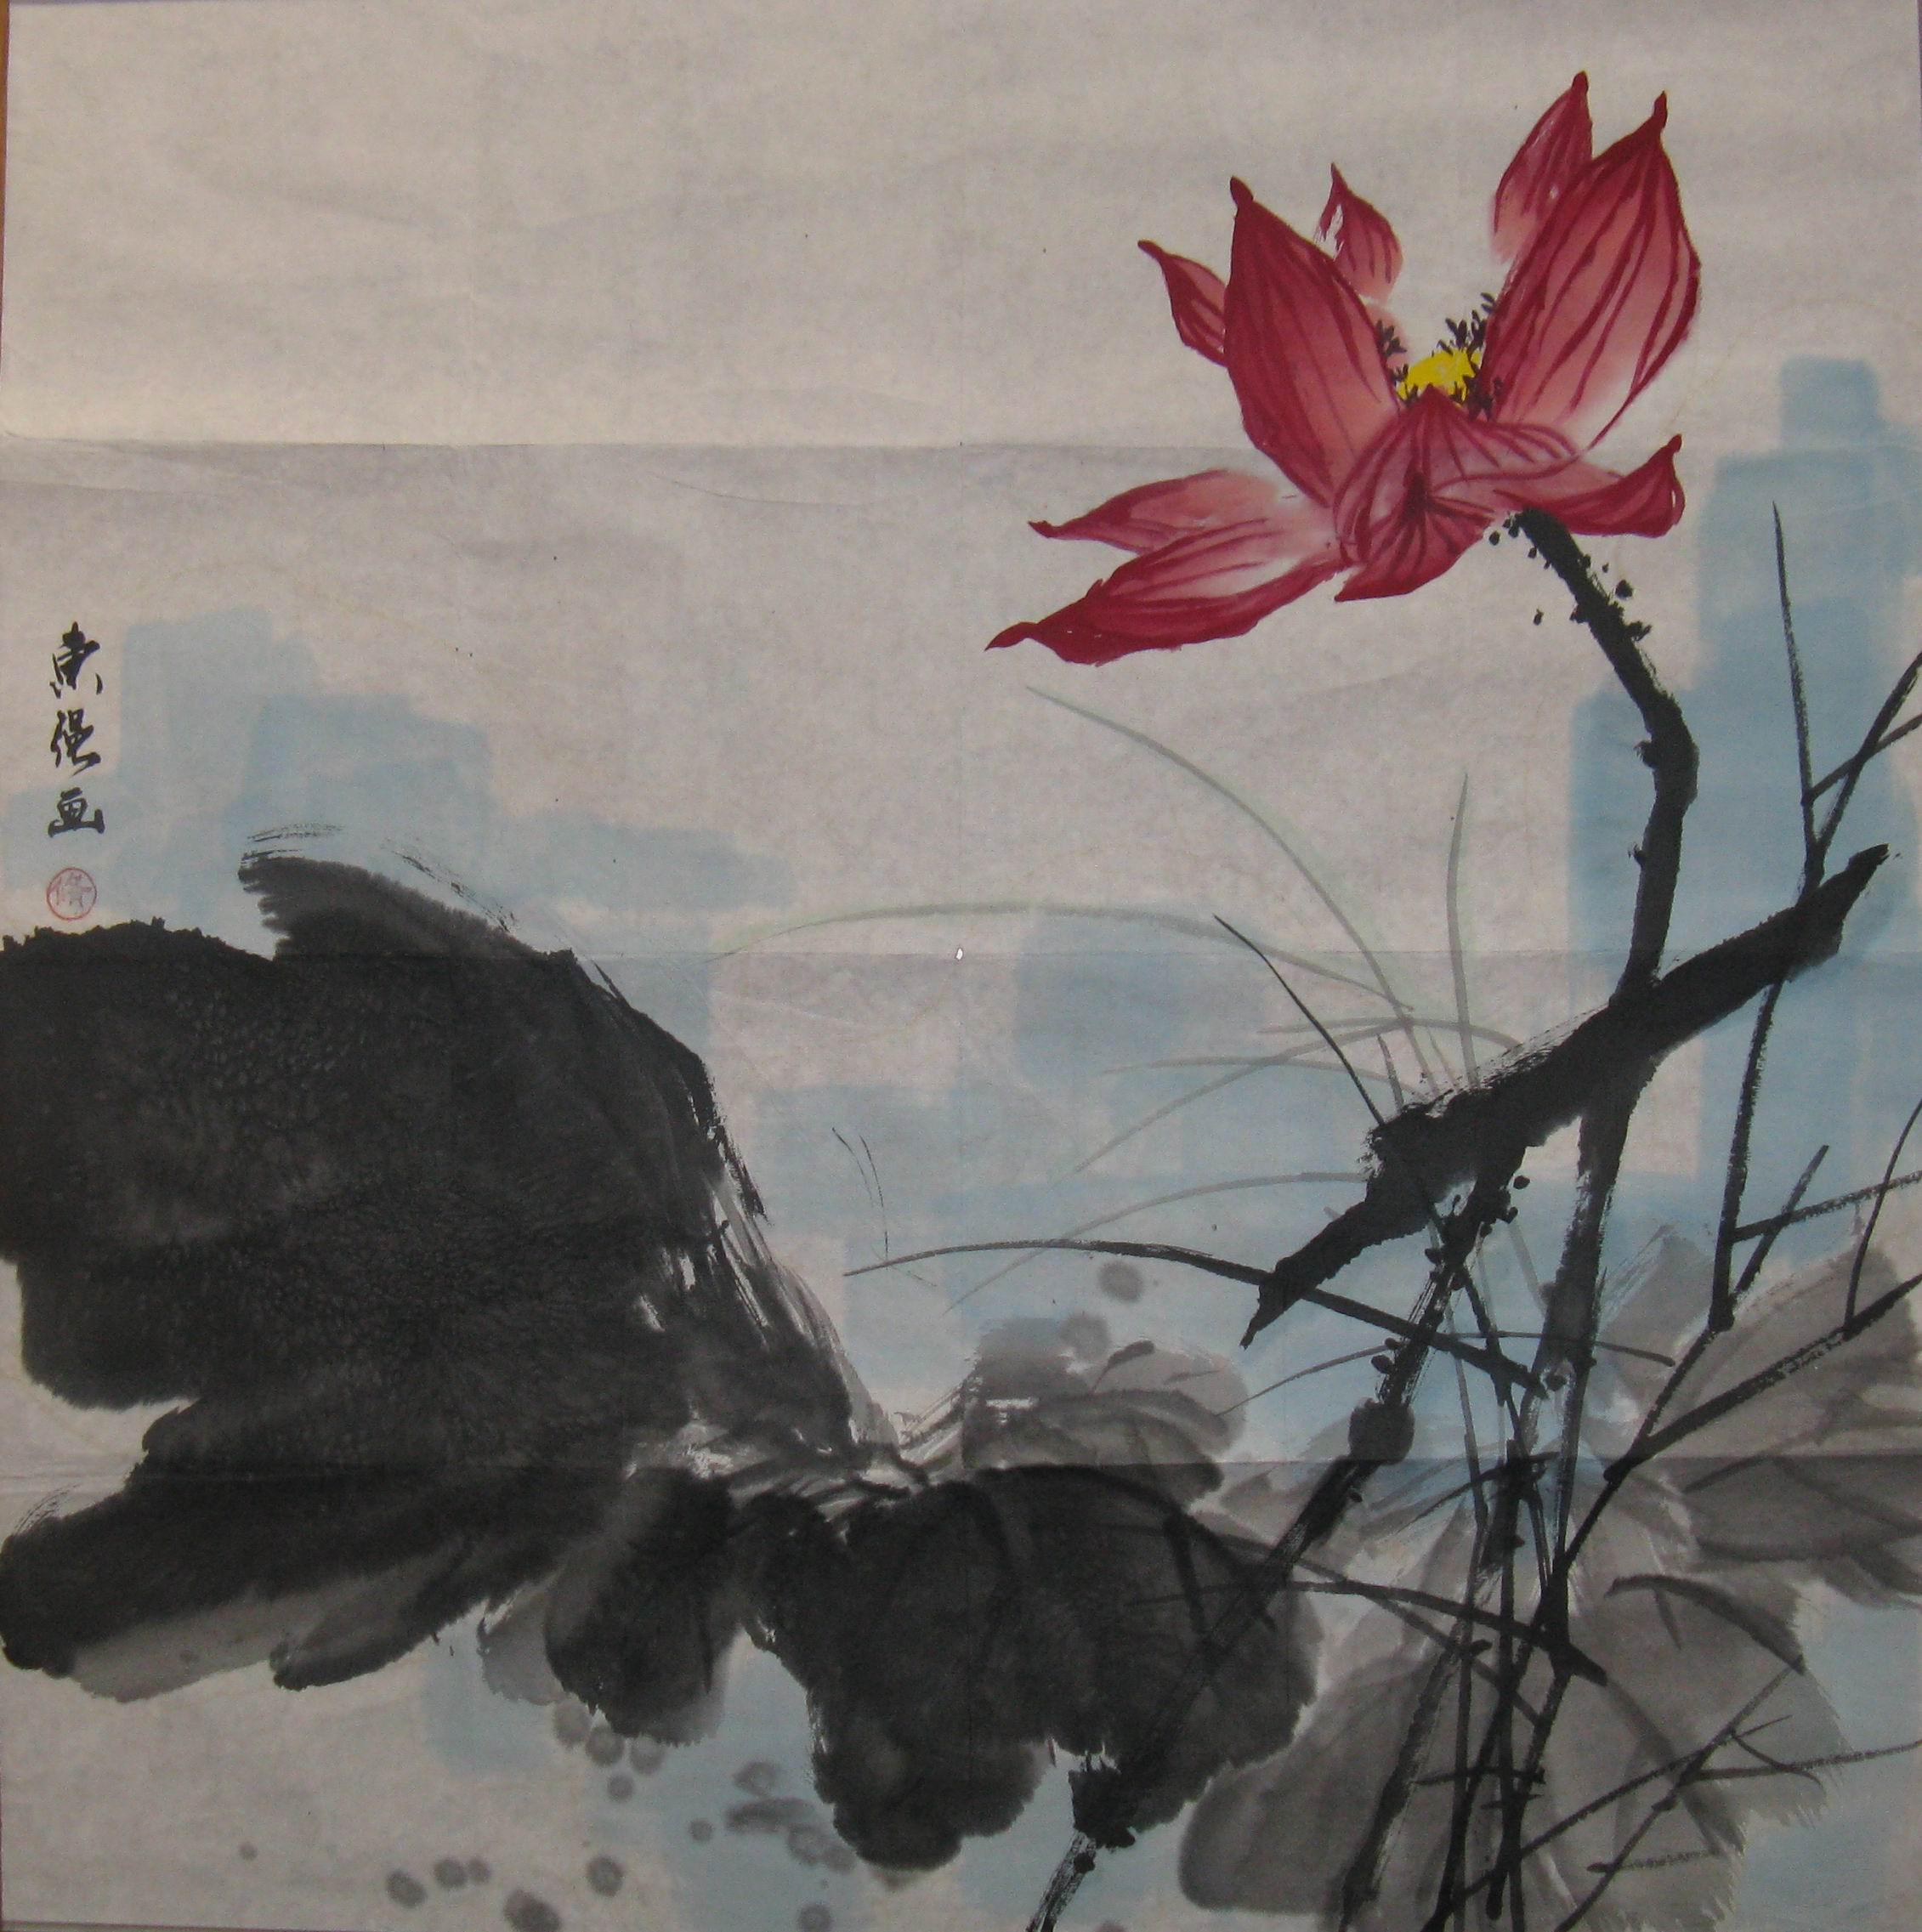 荷花-国画--名人画家书法作品欣赏-墨韵堂-环球潮人图片